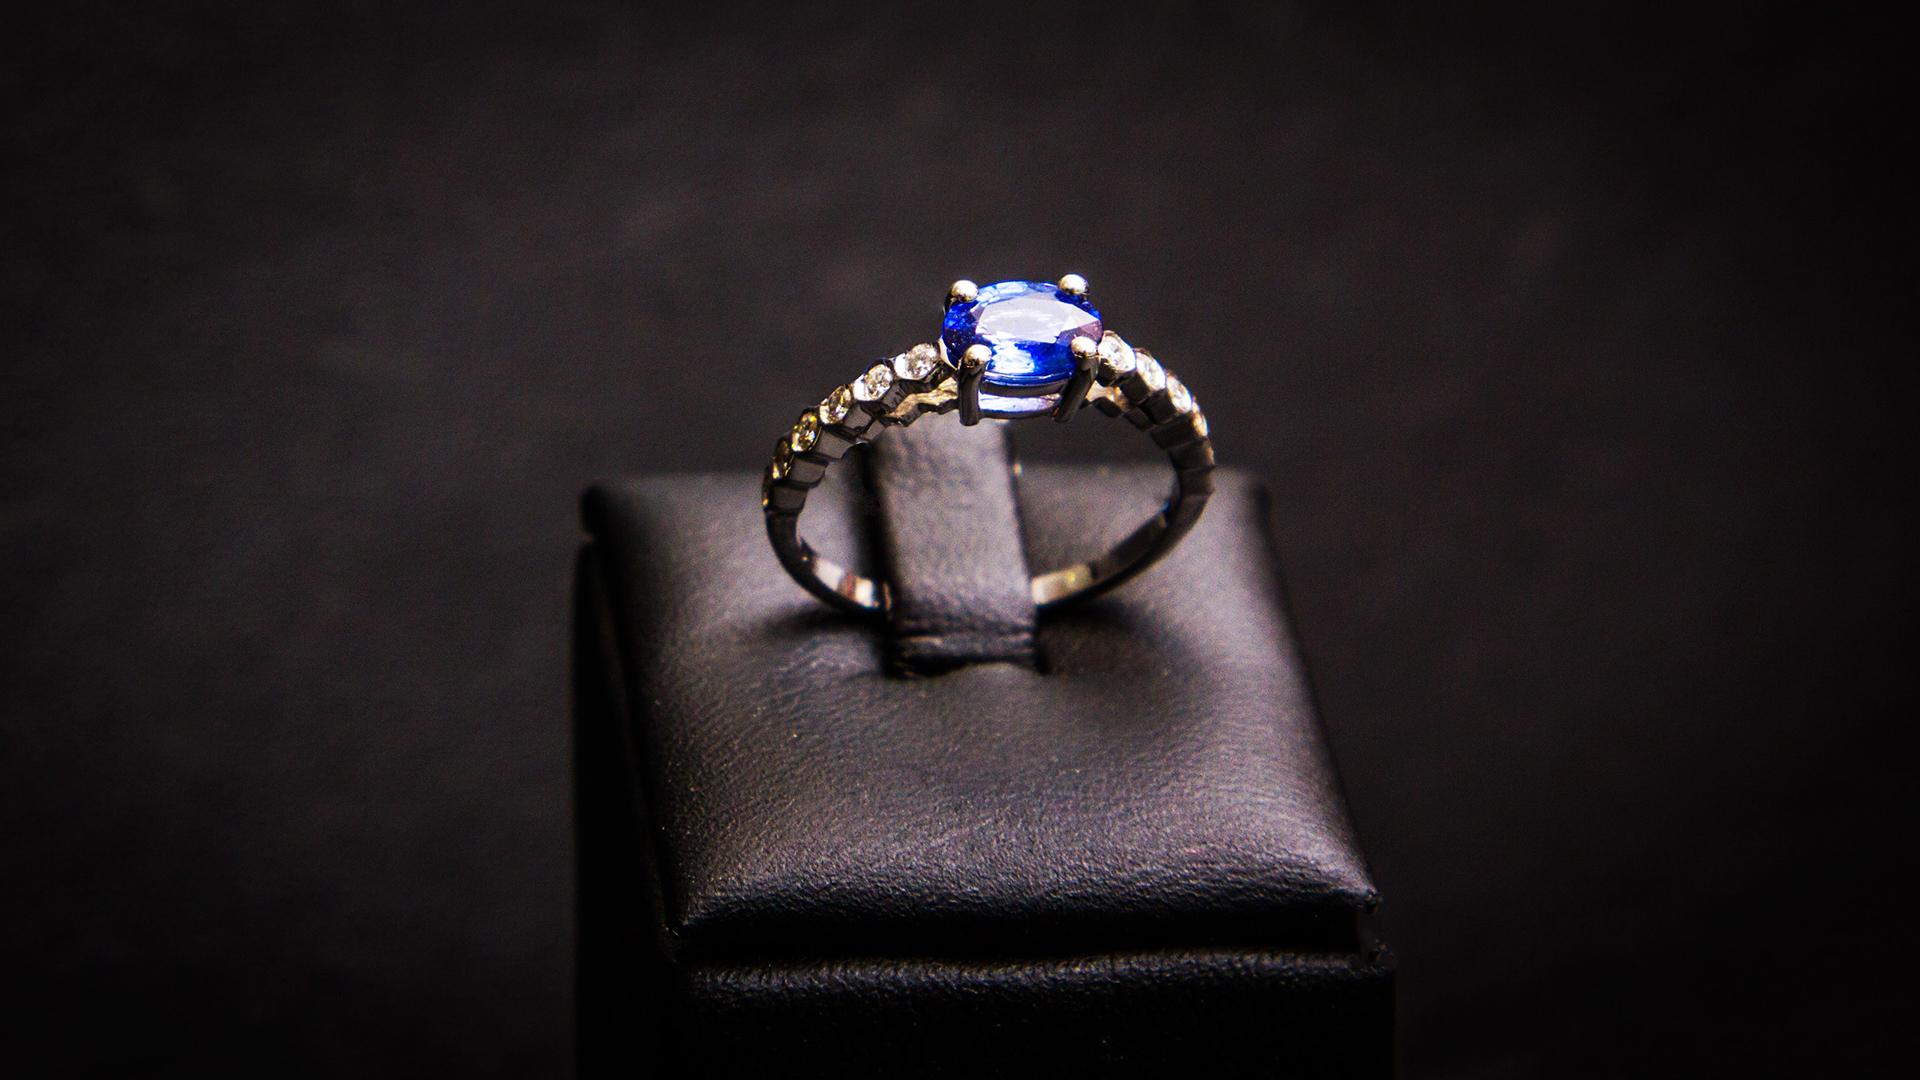 bijouterie-verneau-bague-or-diamand-bijoux-saphir-bijoutier-artisan-var-la-garde